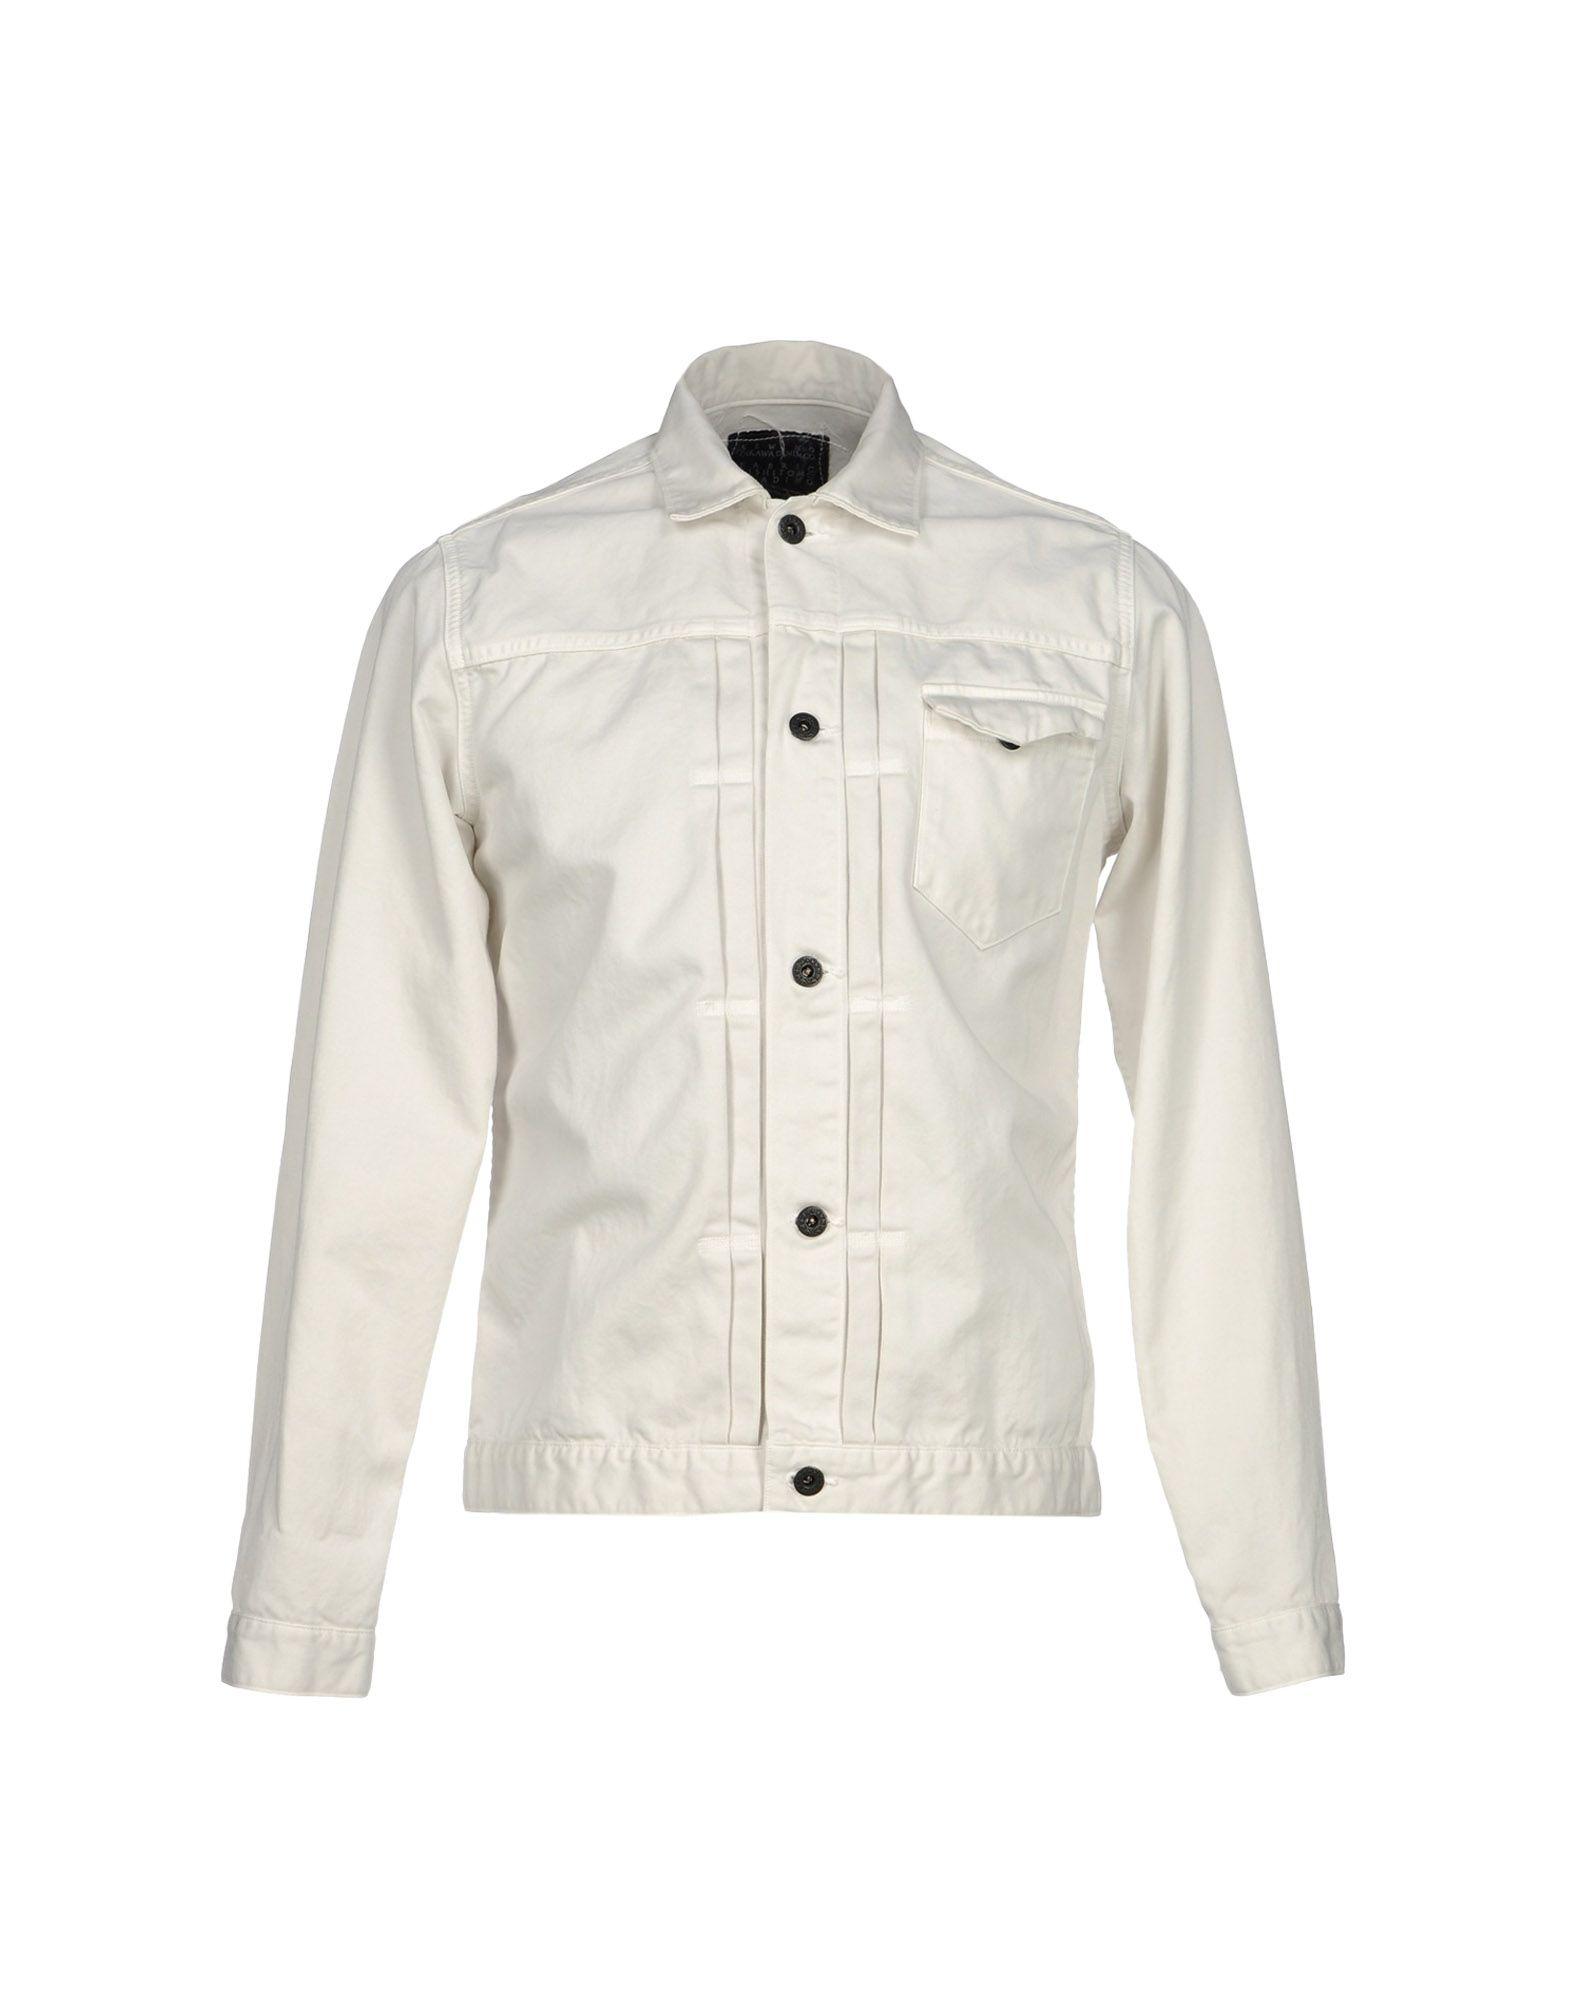 KURO Джинсовая верхняя одежда